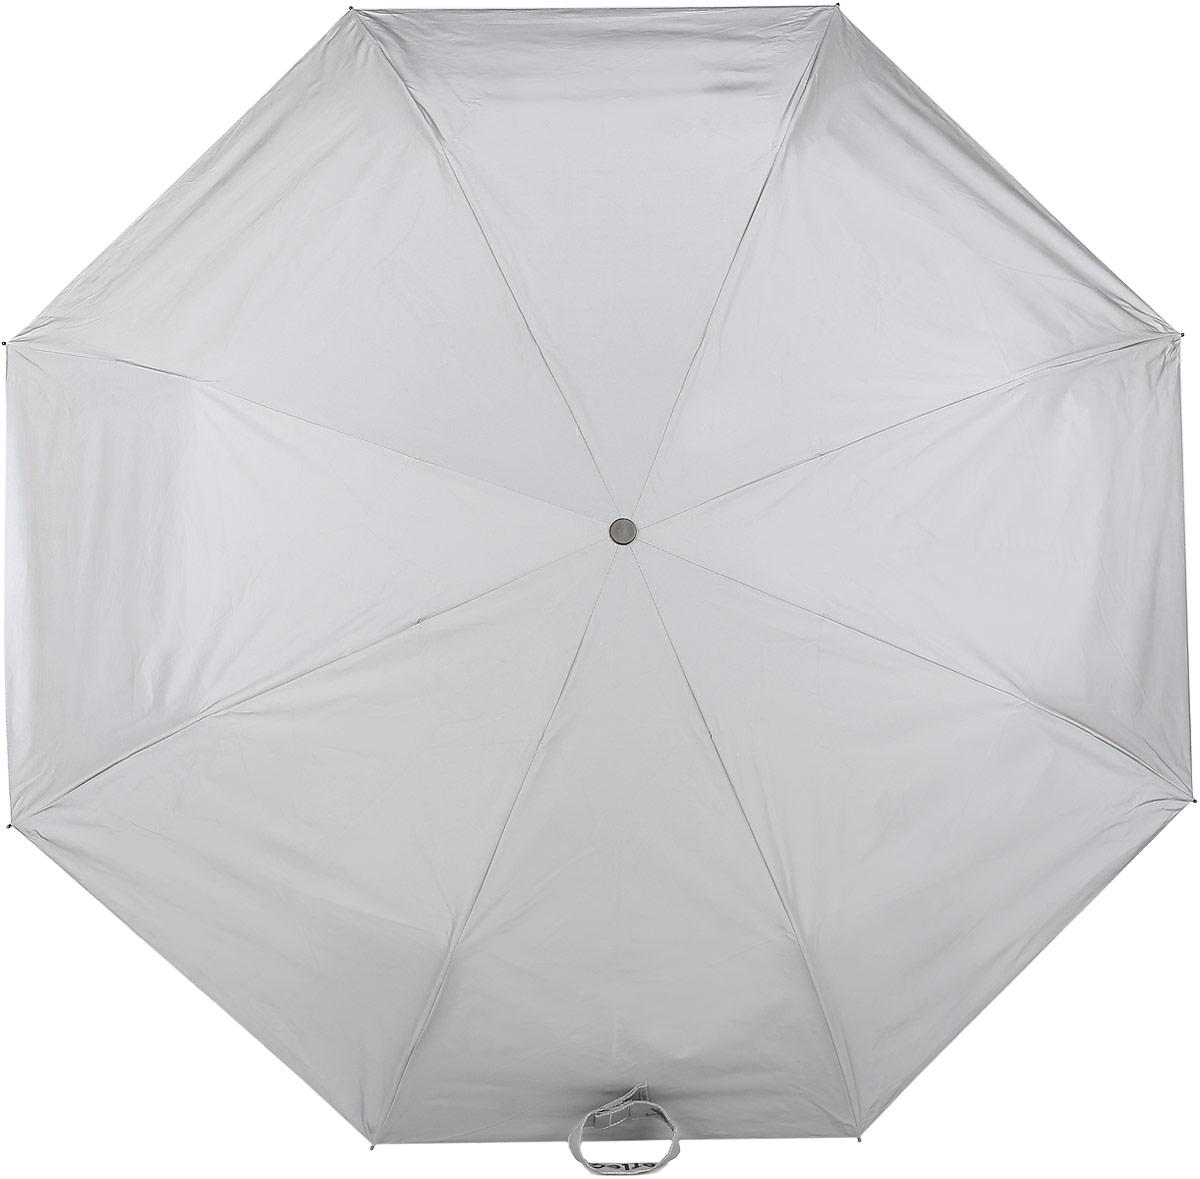 Зонт Reflective Suck UK, механический, 3 сложения, цвет: серый. SK UMBRELLAREF1SK UMBRELLAREF1Стильный механический зонт Reflective Suck UK в 3 сложения с светоотражающим куполом из полиэстера защит вас в ненастную погоду. Каркас зонта выполнен из 8 металлических спиц, оснащен удобной рукояткой из алюминия, которая дополнена петлей. Купол зонта выполнен из прочного полиэстера. К зонту прилагается чехол.